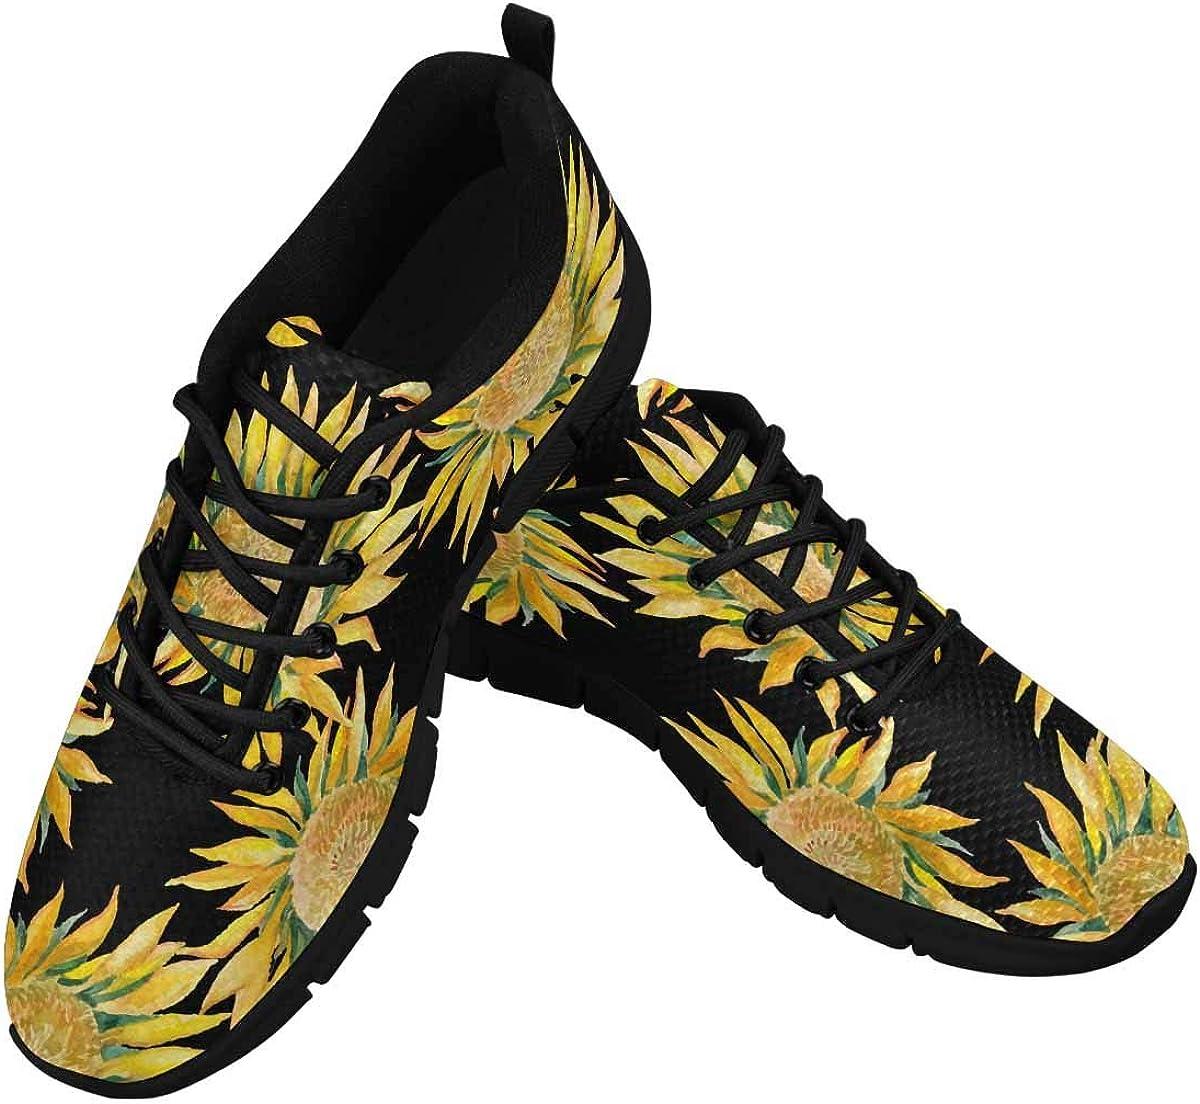 INTERESTPRINT Sunflowers Pattern Women's Breathable Sneaker